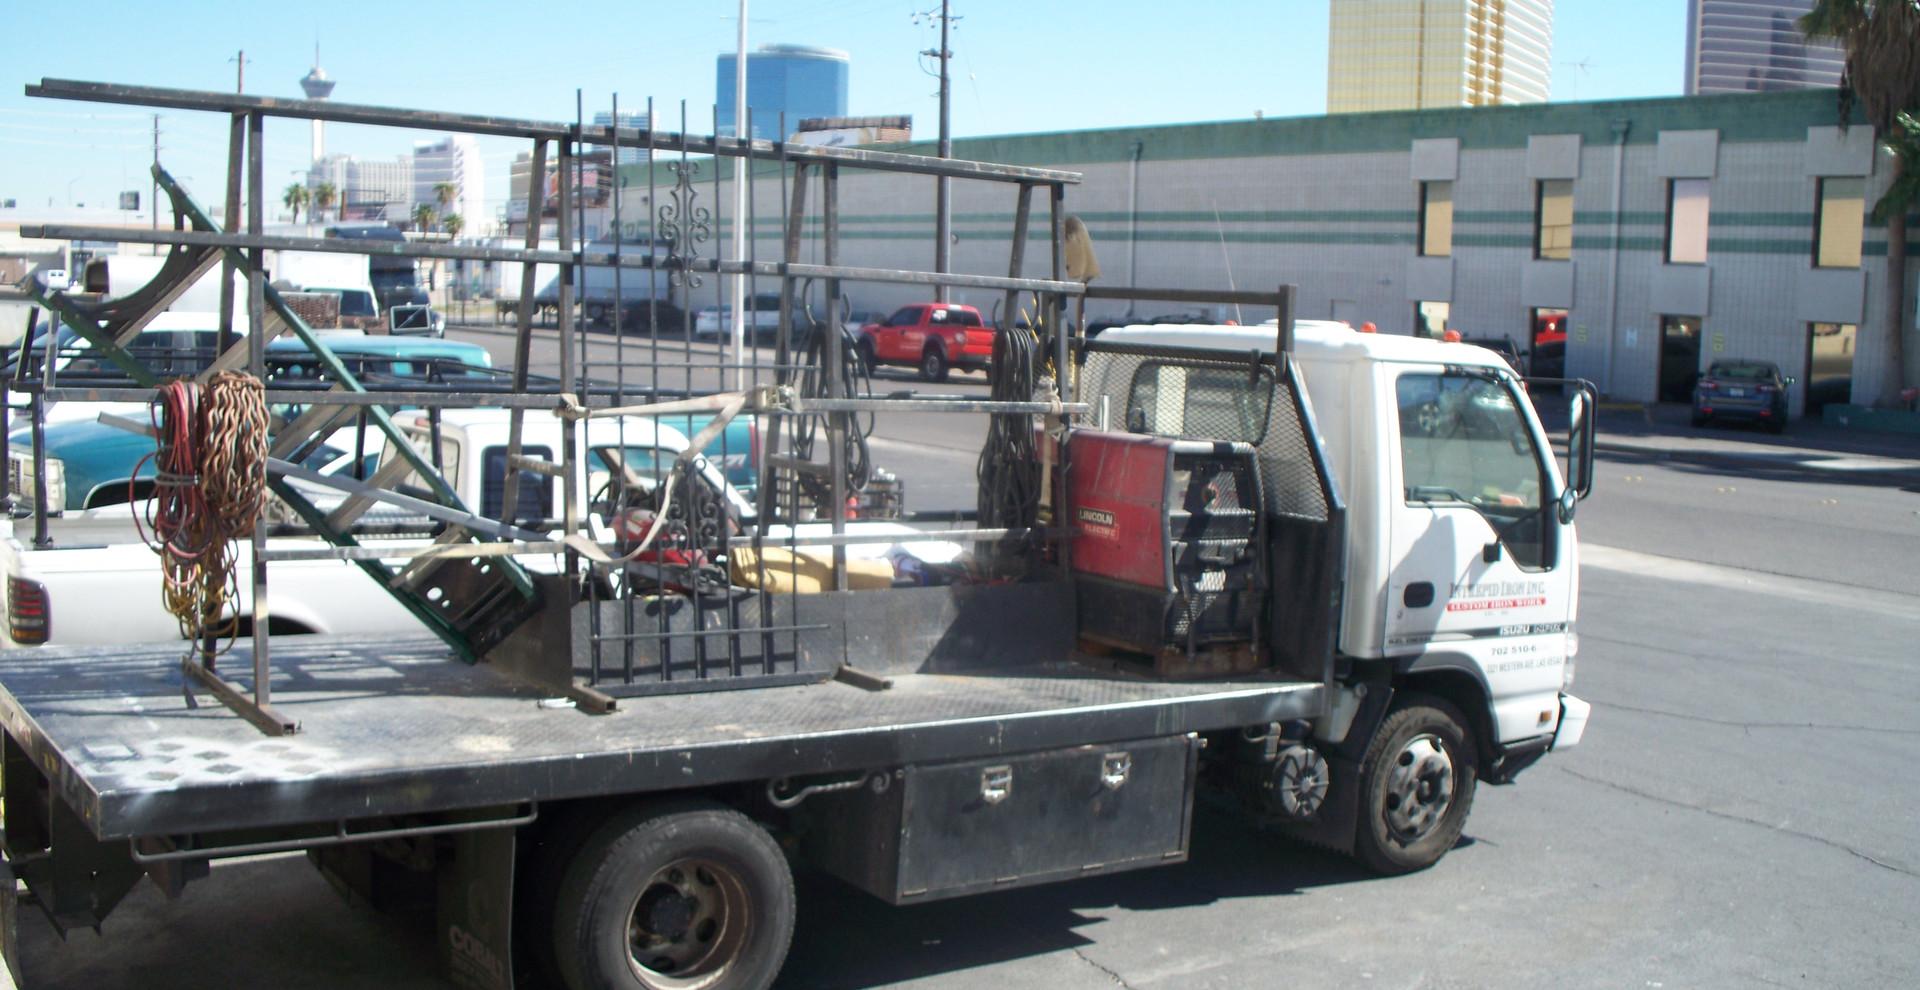 Simple Picket Door Las Vegas - Intrepid Metal Works Inc.